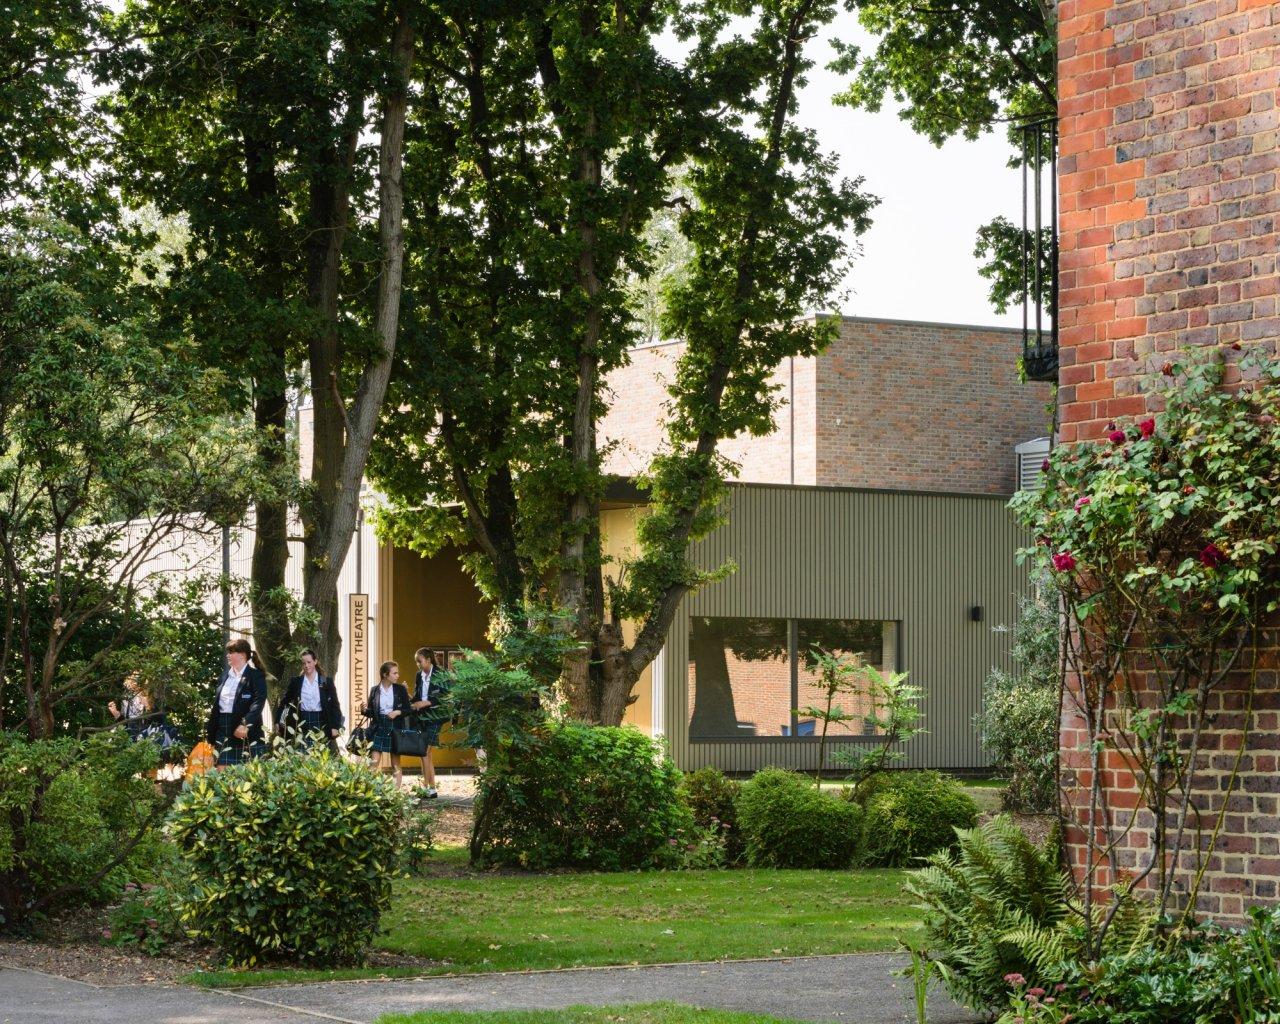 Luckley House School, Wokingham